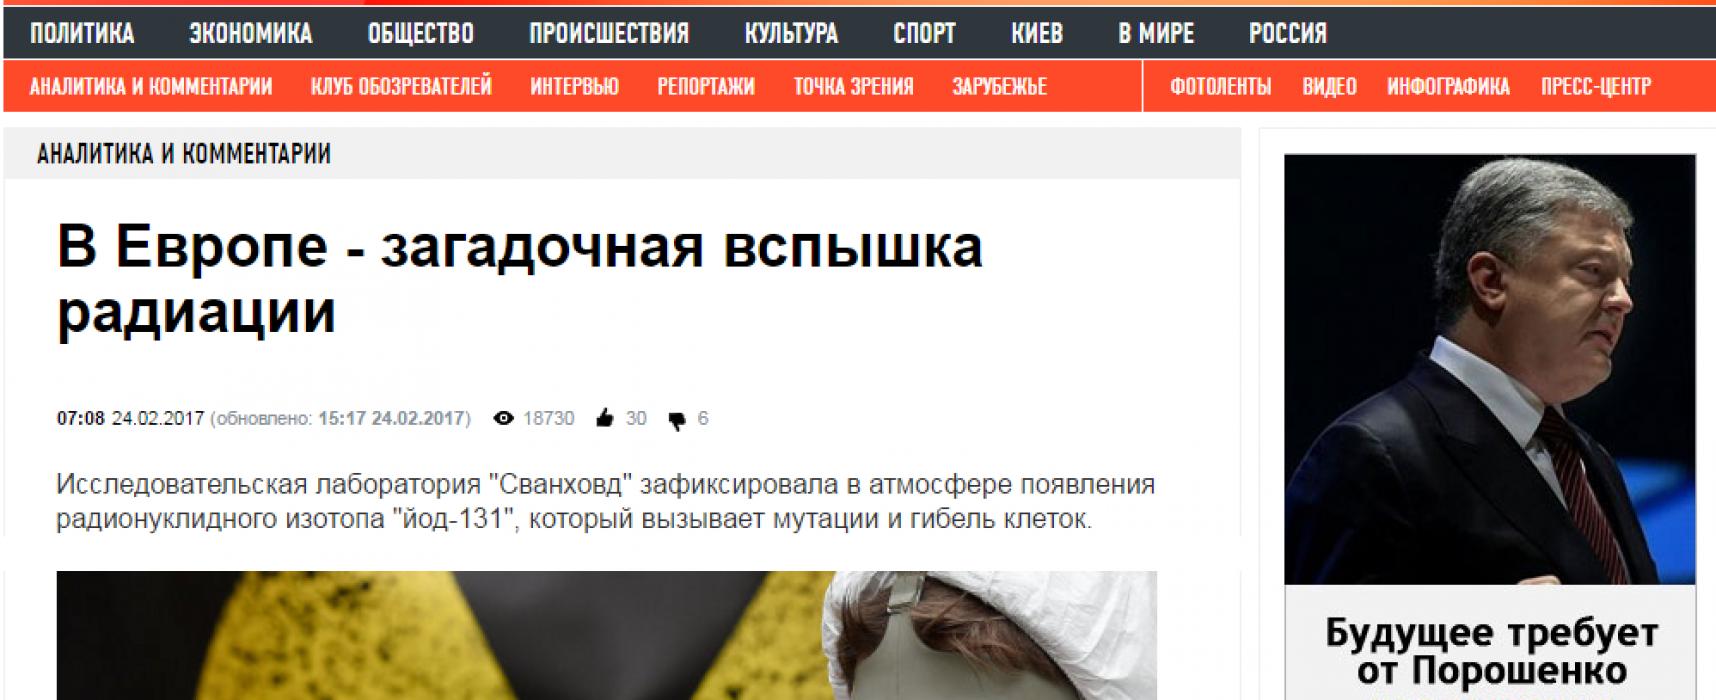 Fake: Europa beschuldigt Ukraine steigender Radioaktivität